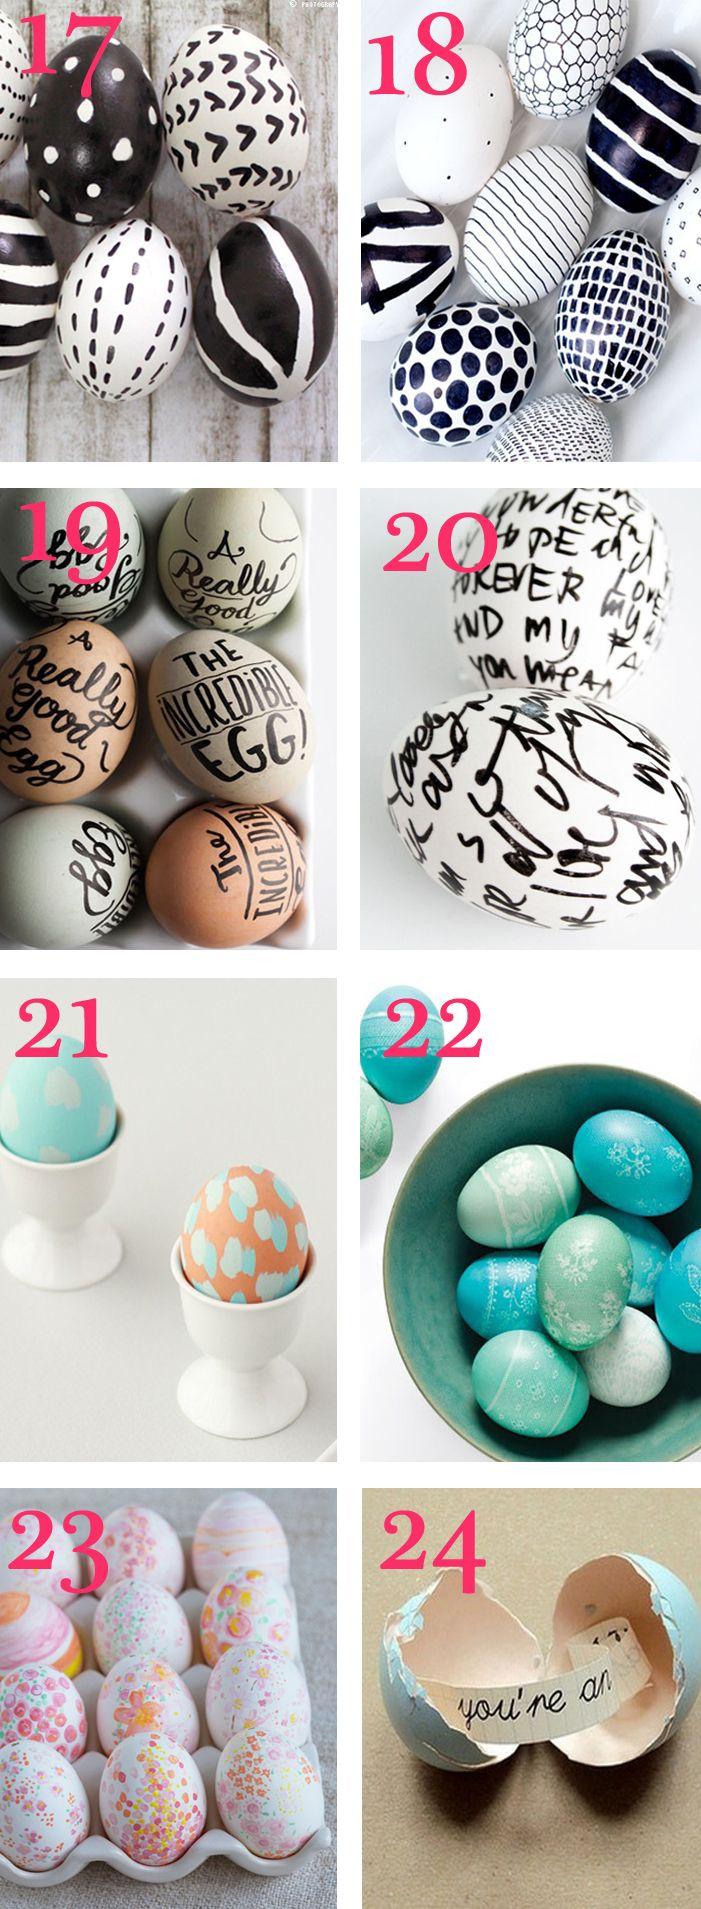 30 Best Easter Egg DIYs